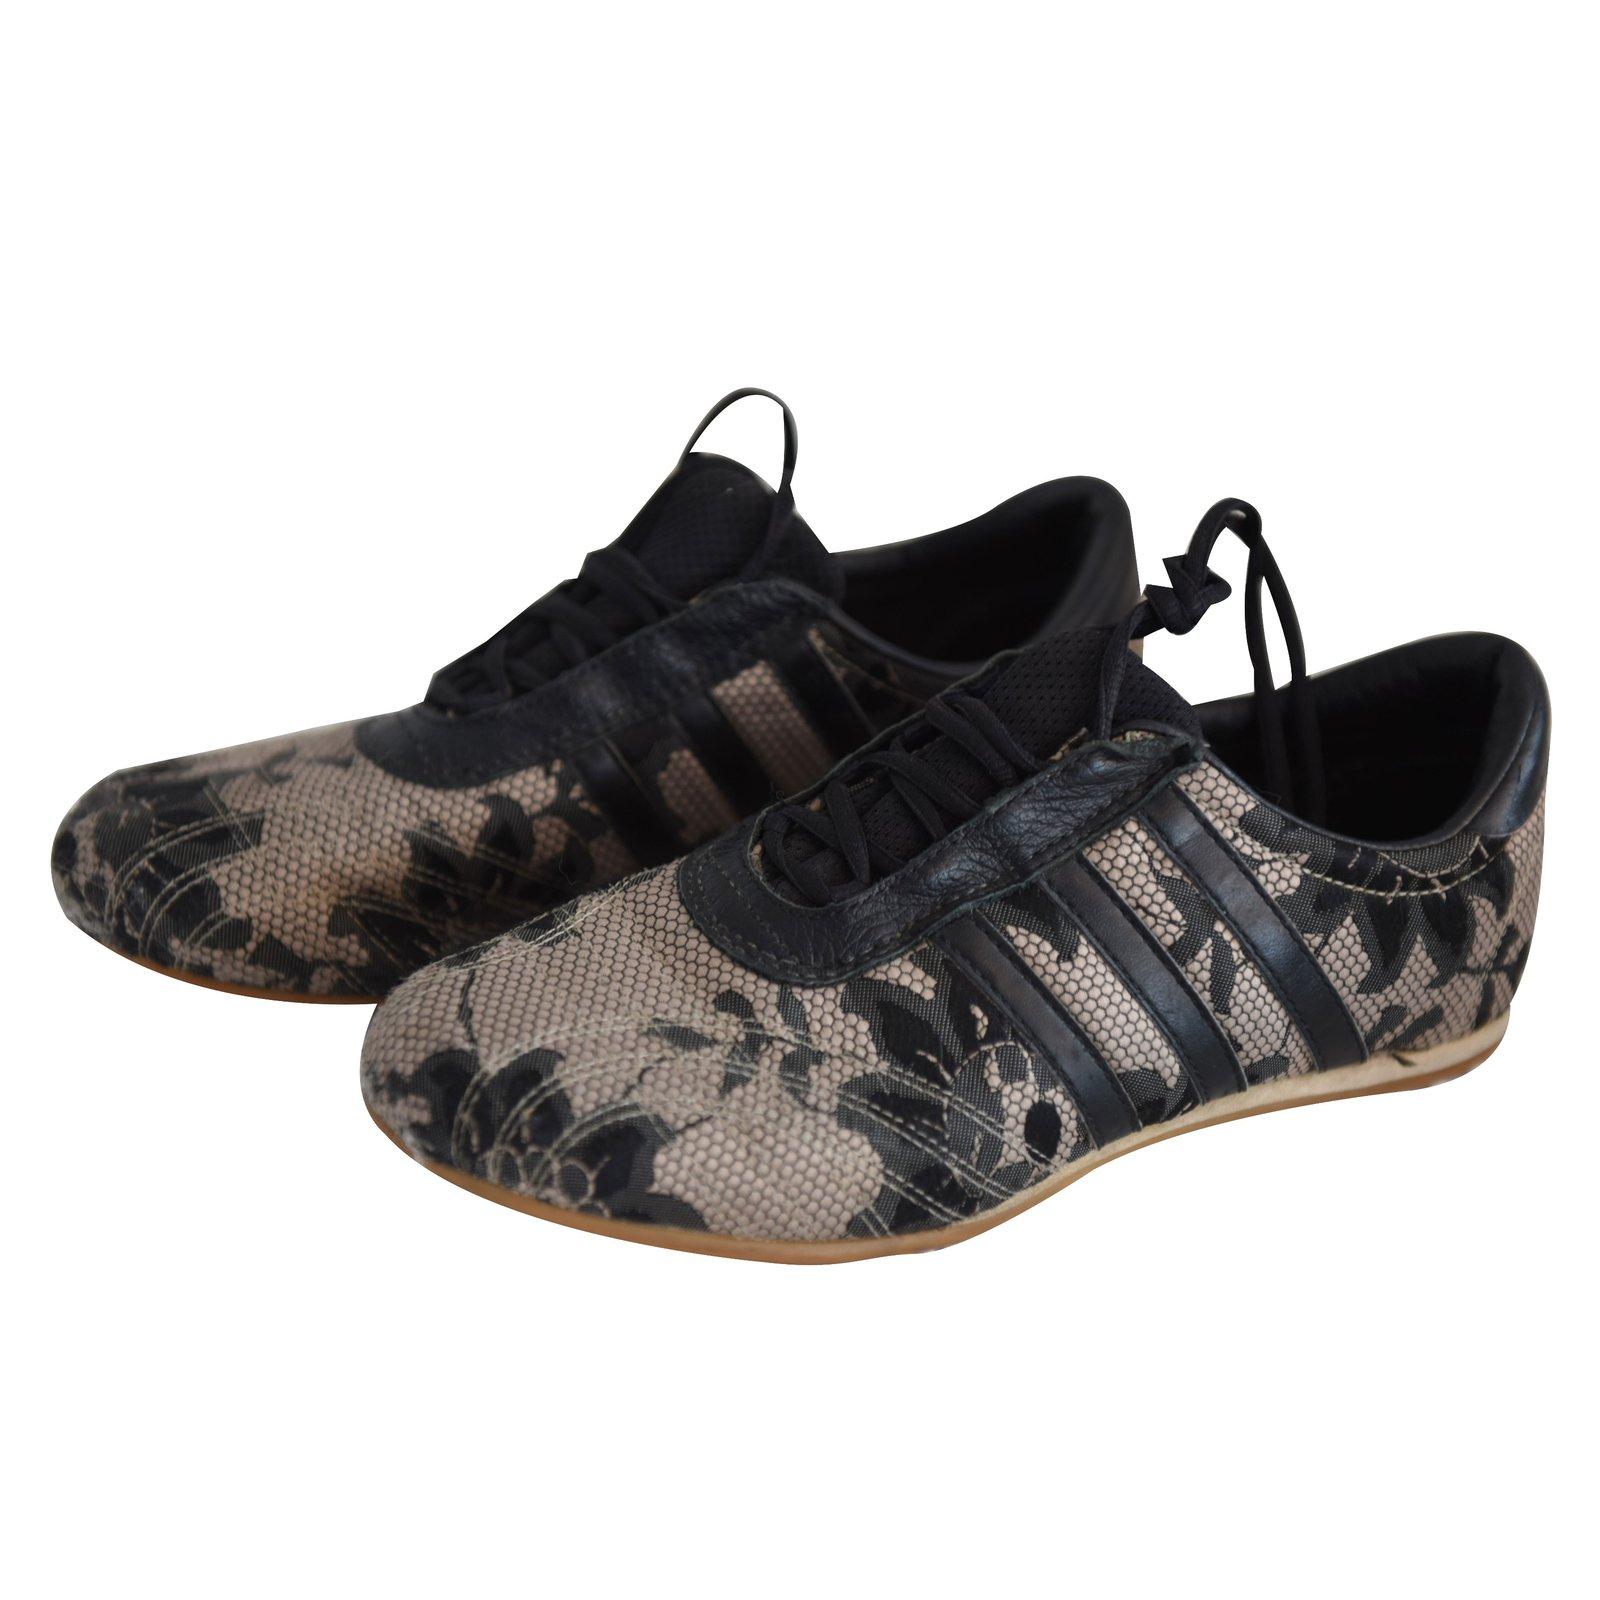 Baskets Adidas Gazelle resille et dentelle beige/noir Tissu Beige ref.21324